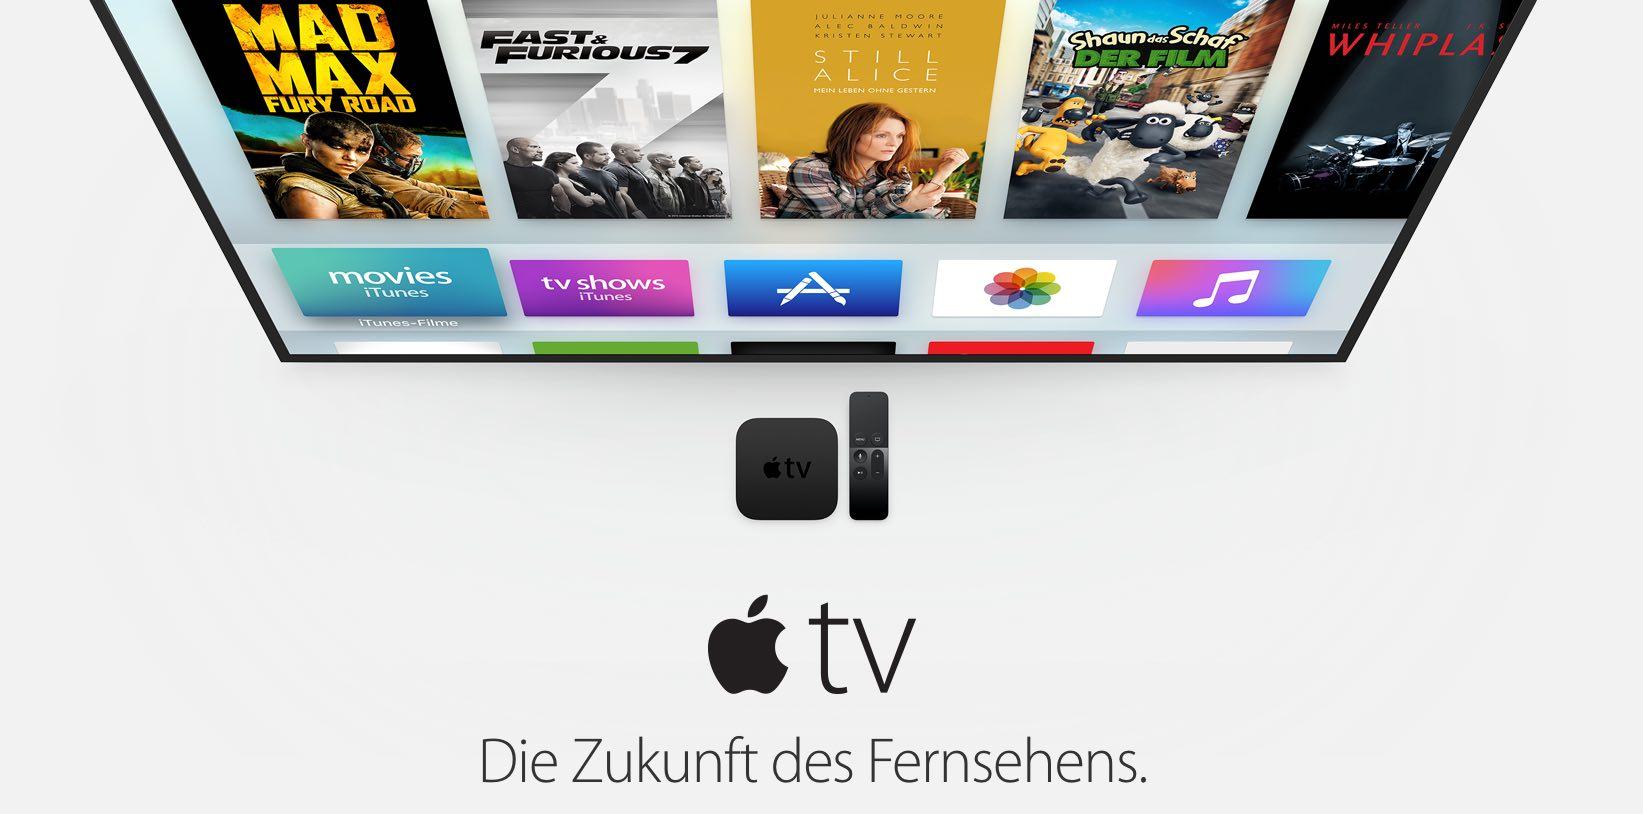 Apple TV: Kein 200 MB Limit für Apple TV Spiele und Apps! 6